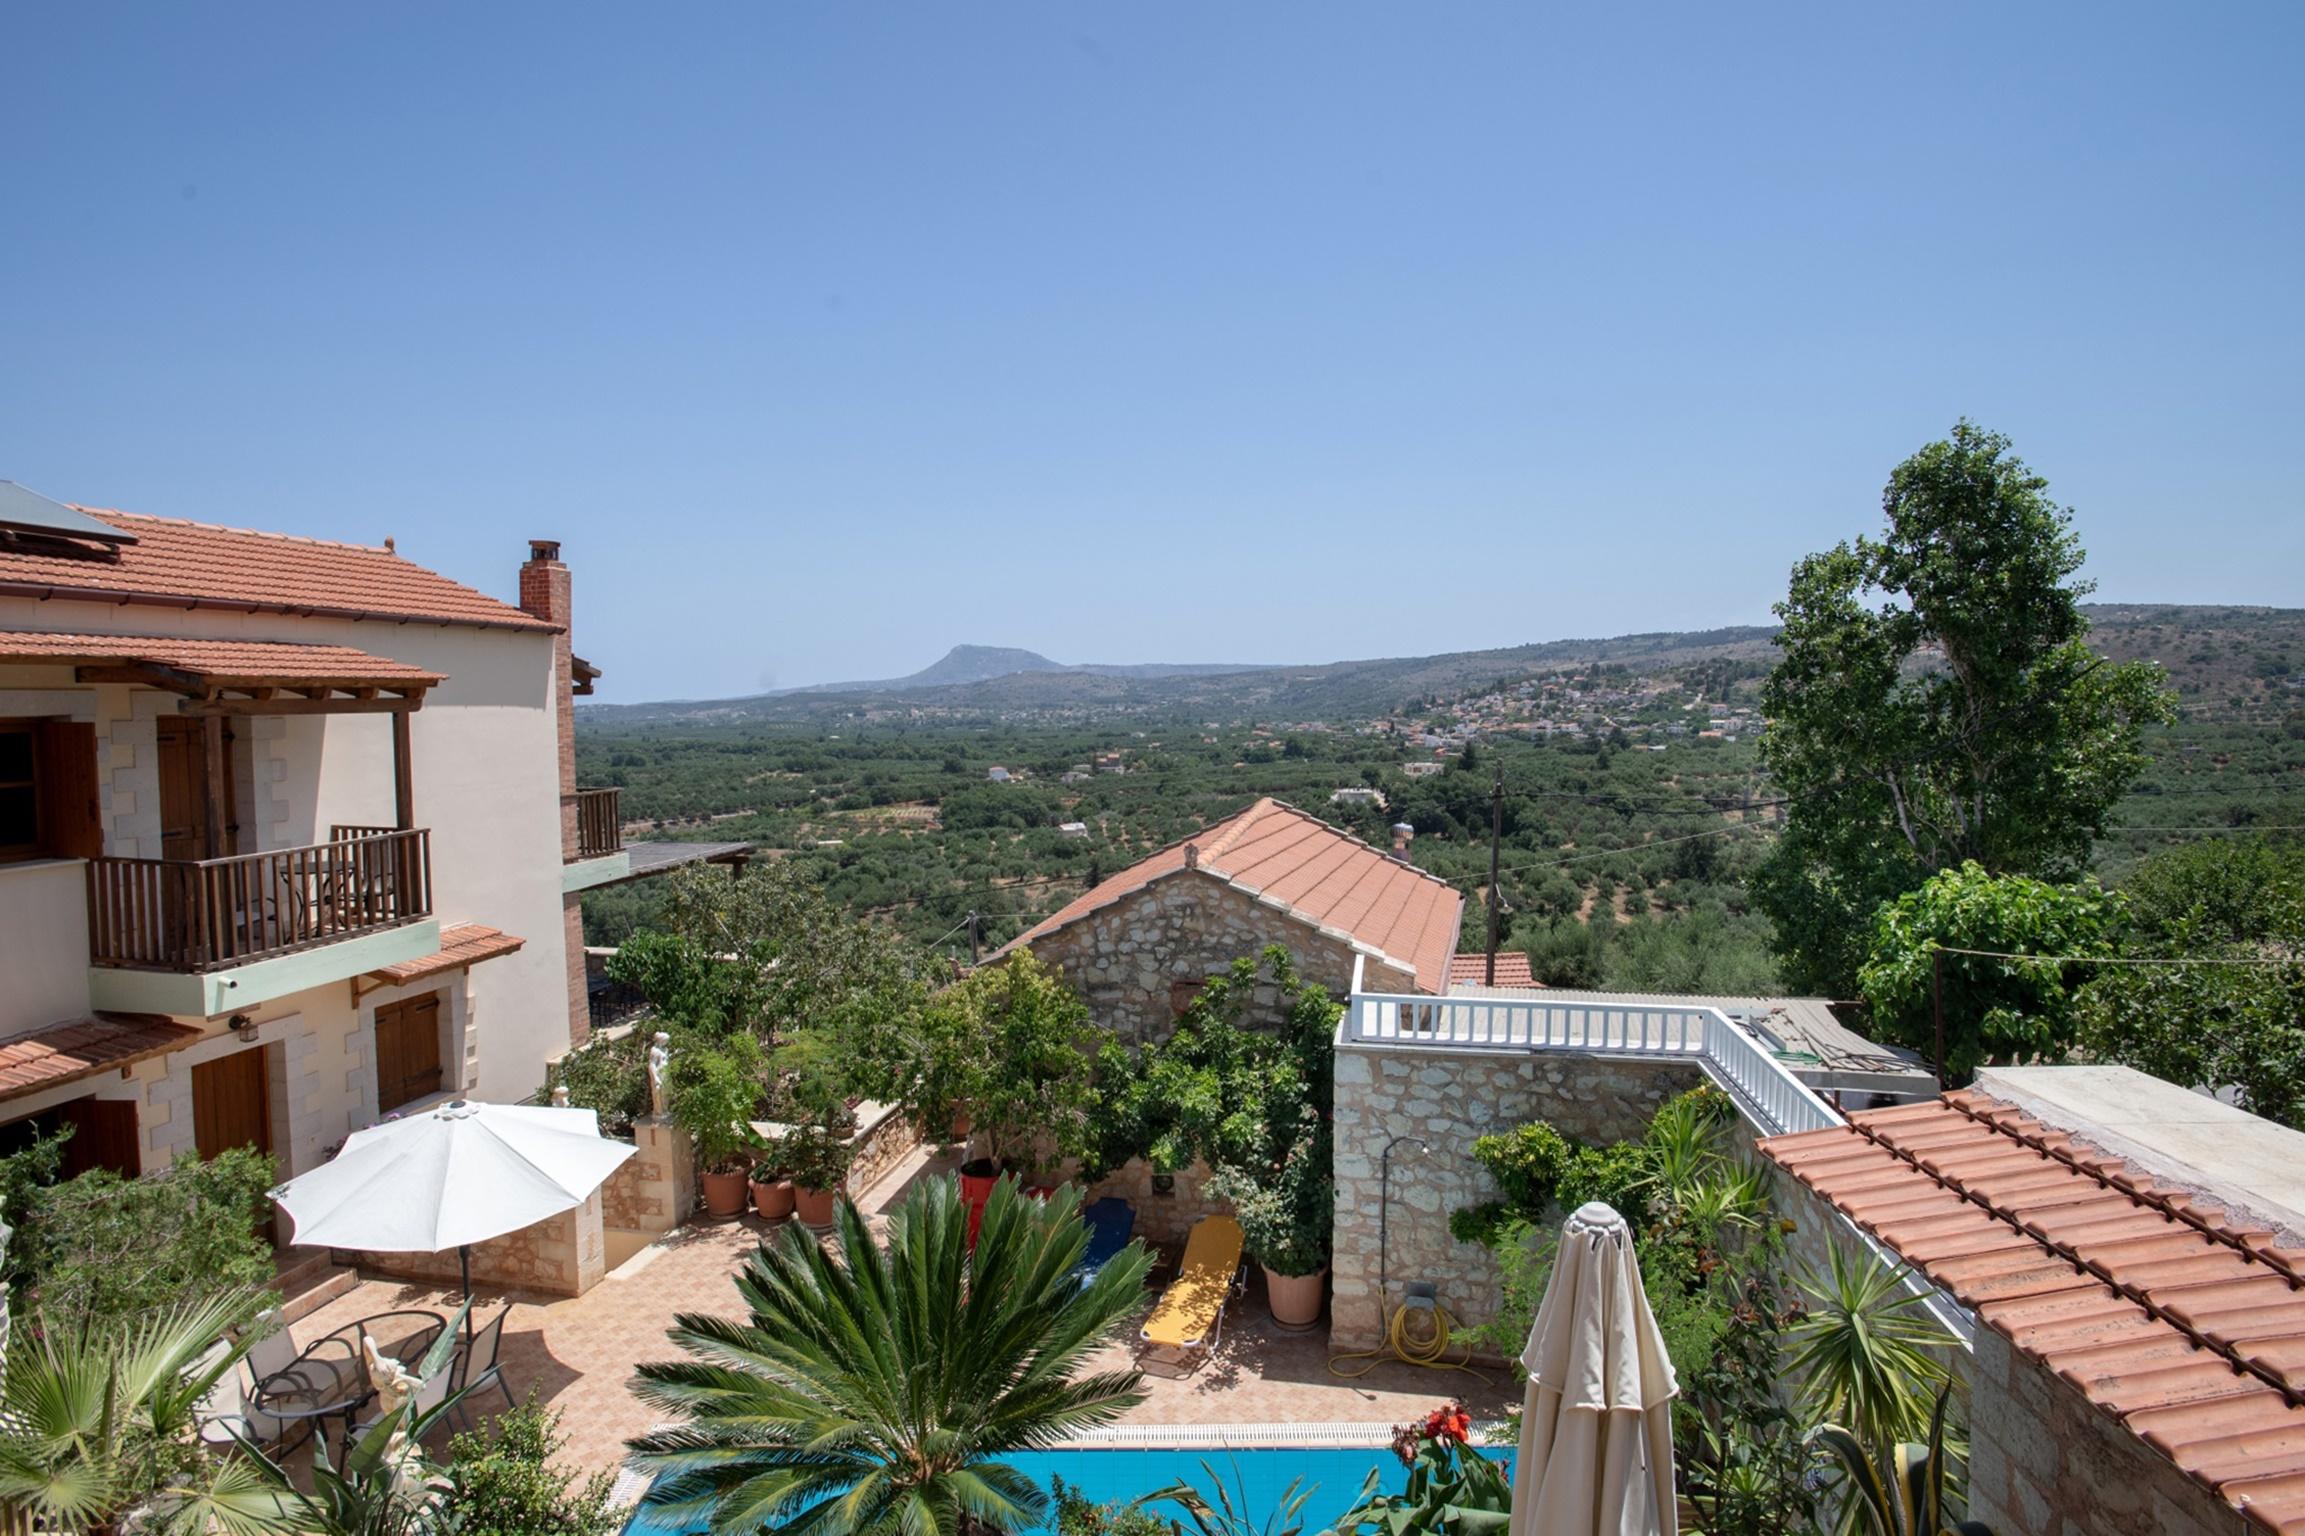 Ferienhaus Haus und Studio annektiert - Ideal groe Familien - kleines Dorf, nahe Strnde (2598996), Neon Khorion Kriti, Kreta Nordküste, Kreta, Griechenland, Bild 18